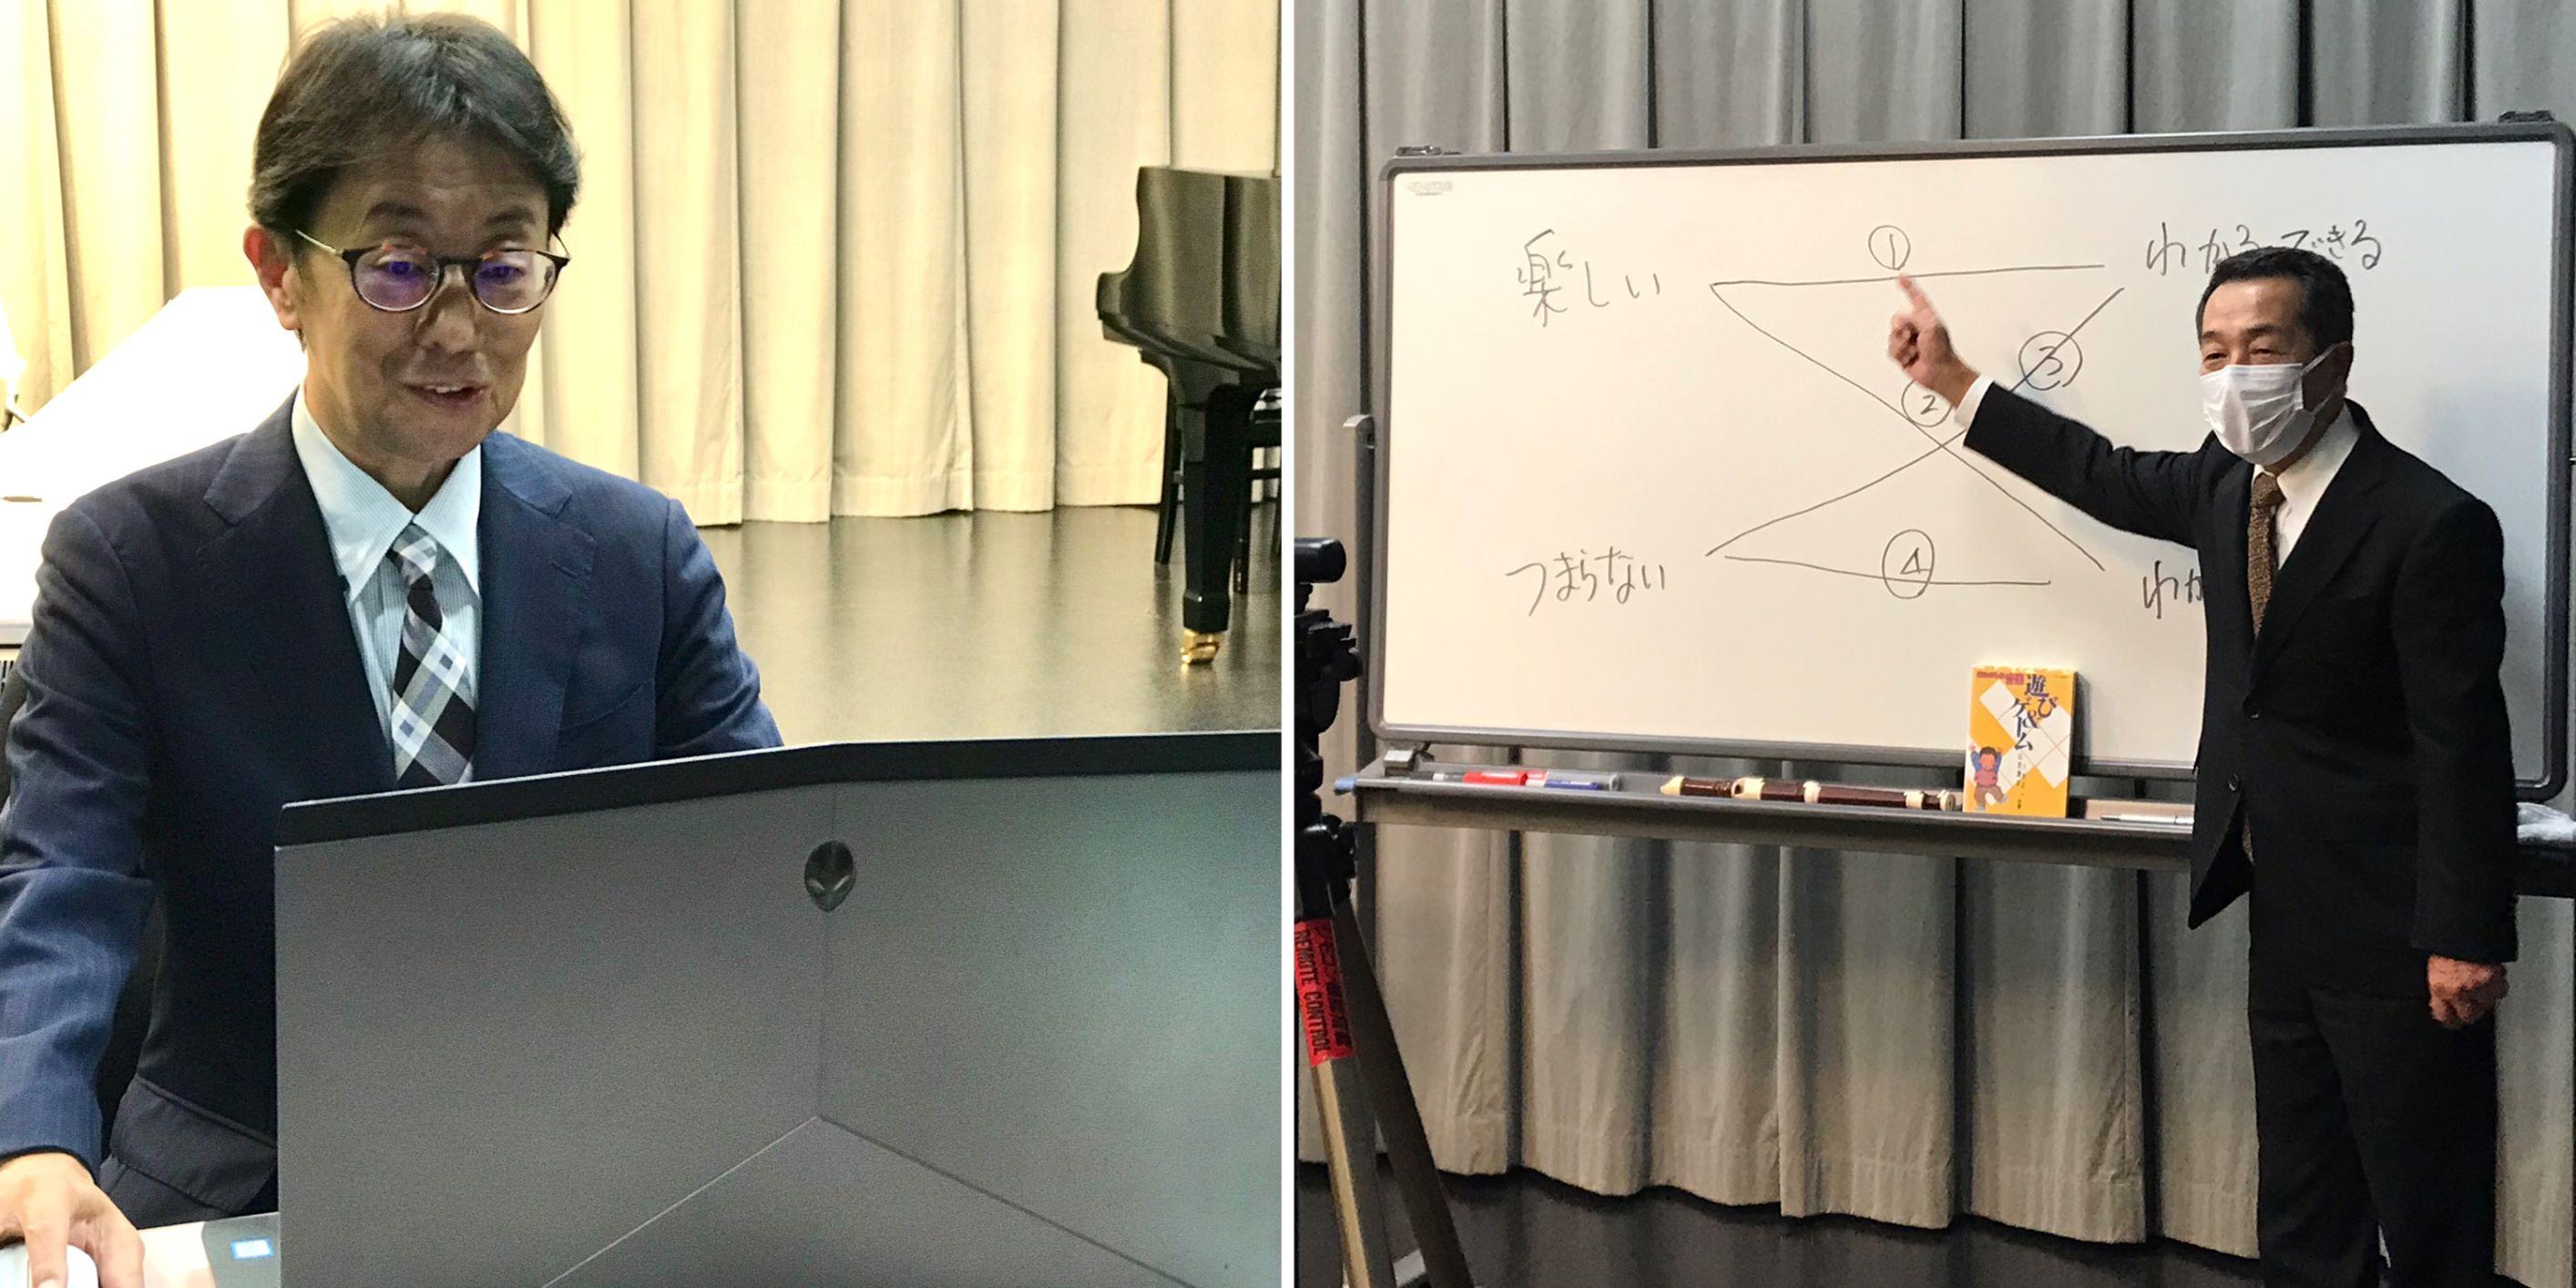 音楽学部のLIVE講座2020「音楽の先生をめざす人へ」終了~次回は10/10「レッスンってどんな感じ?」を配信します